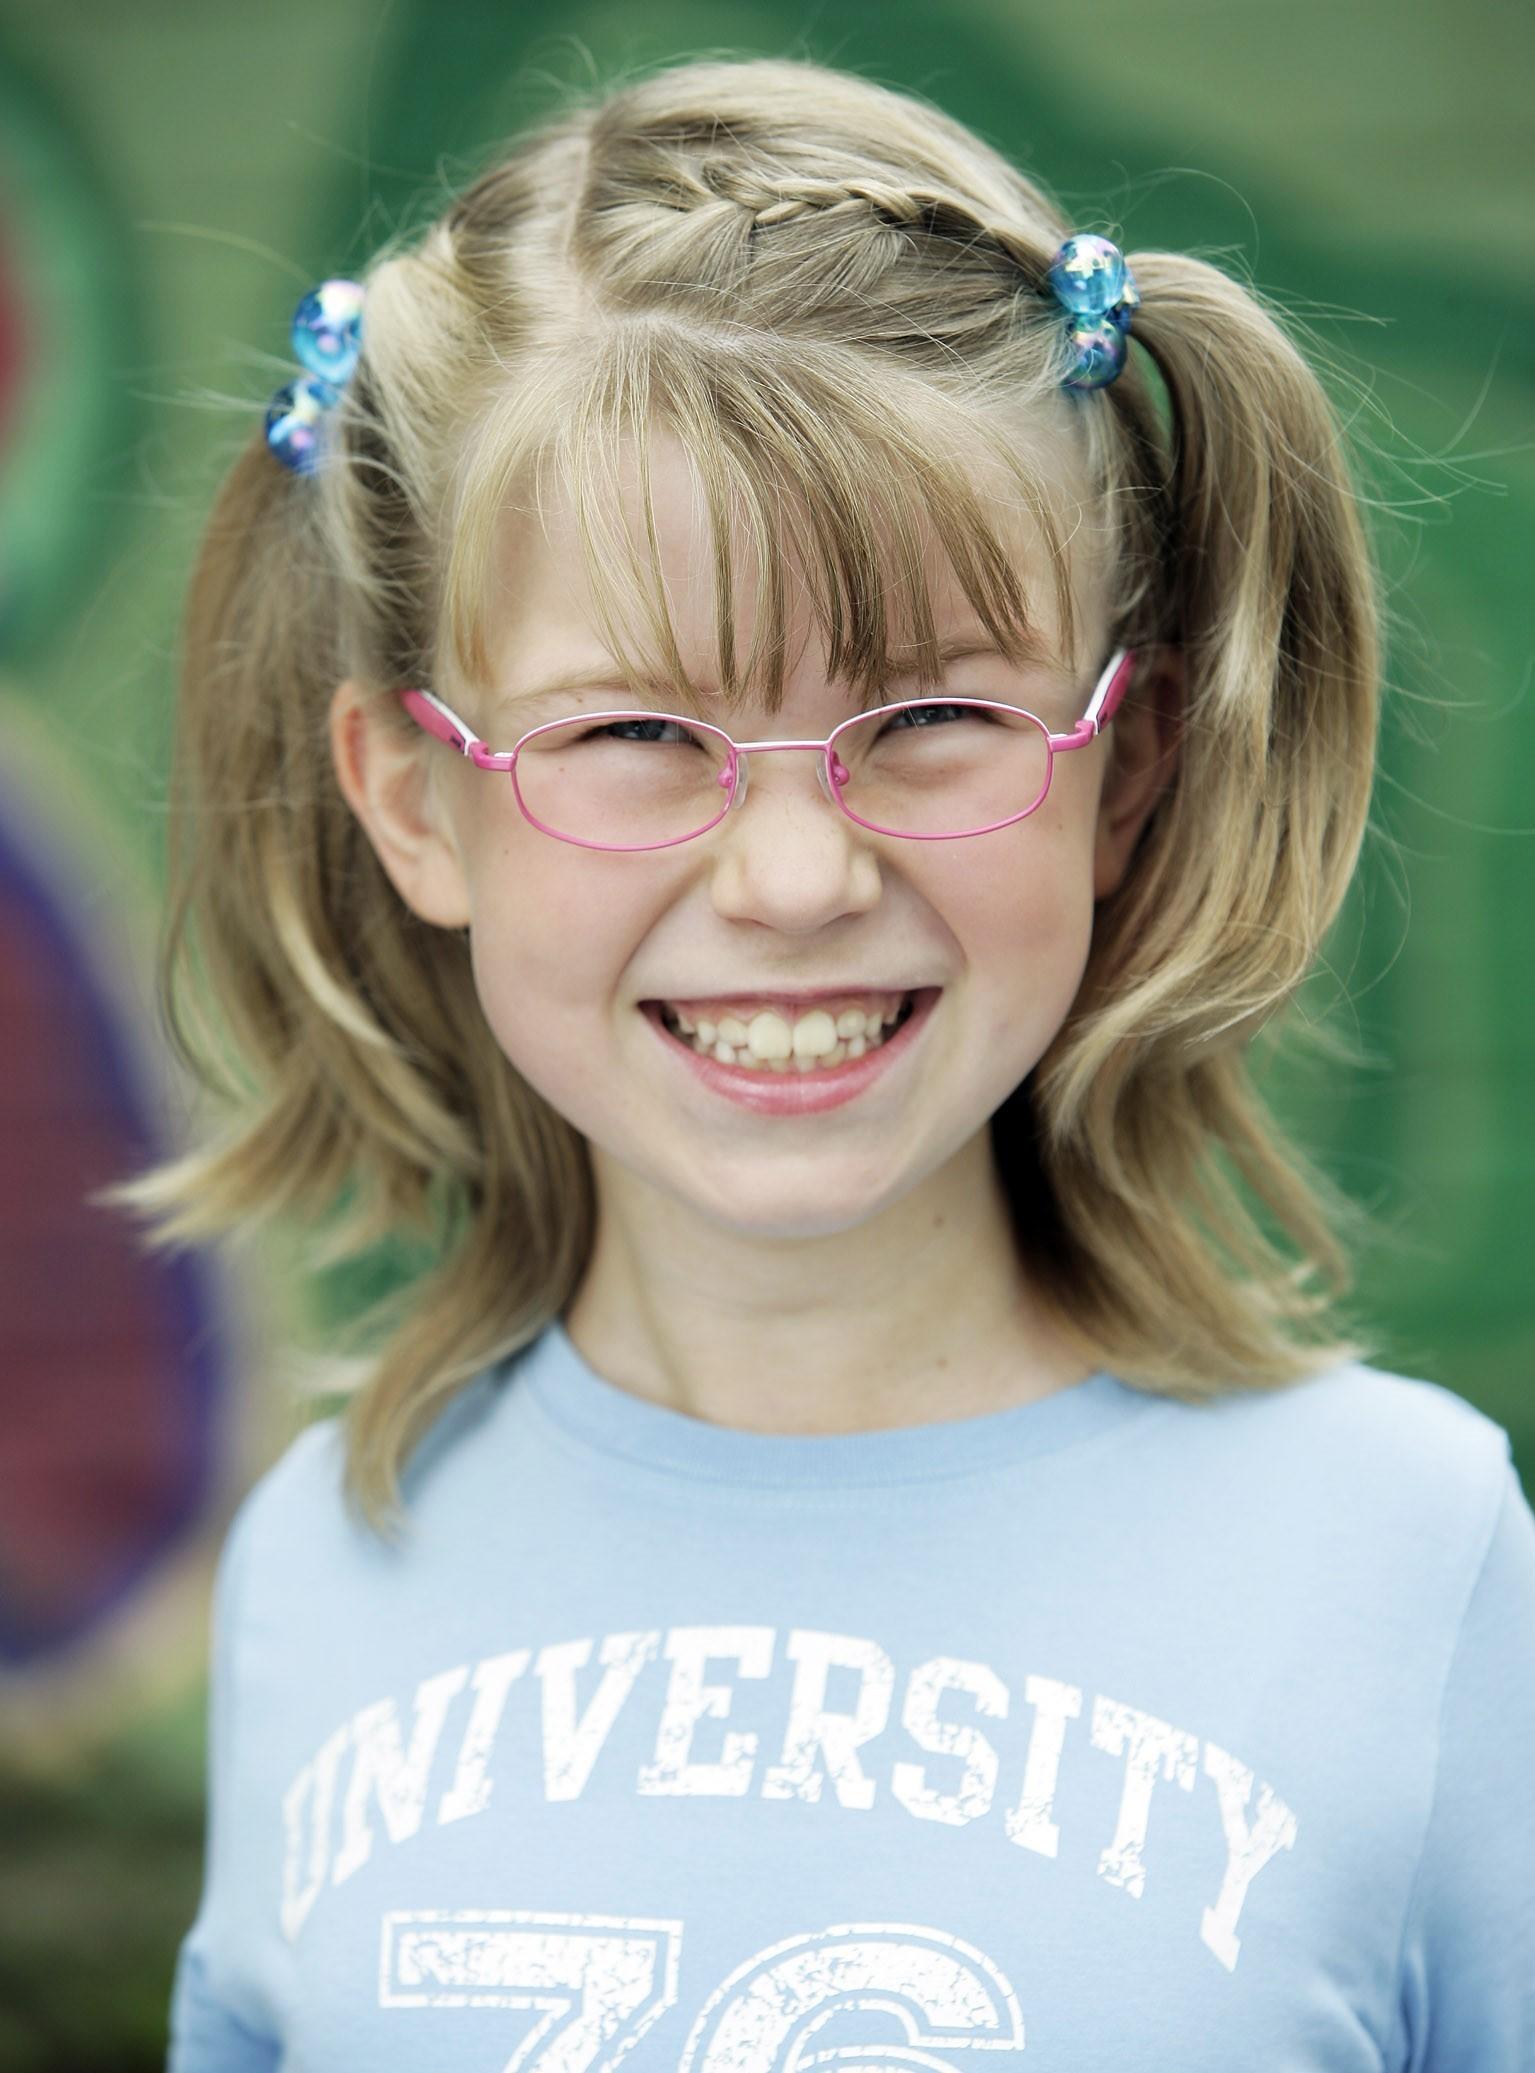 Kinderbrillen für Mädchen